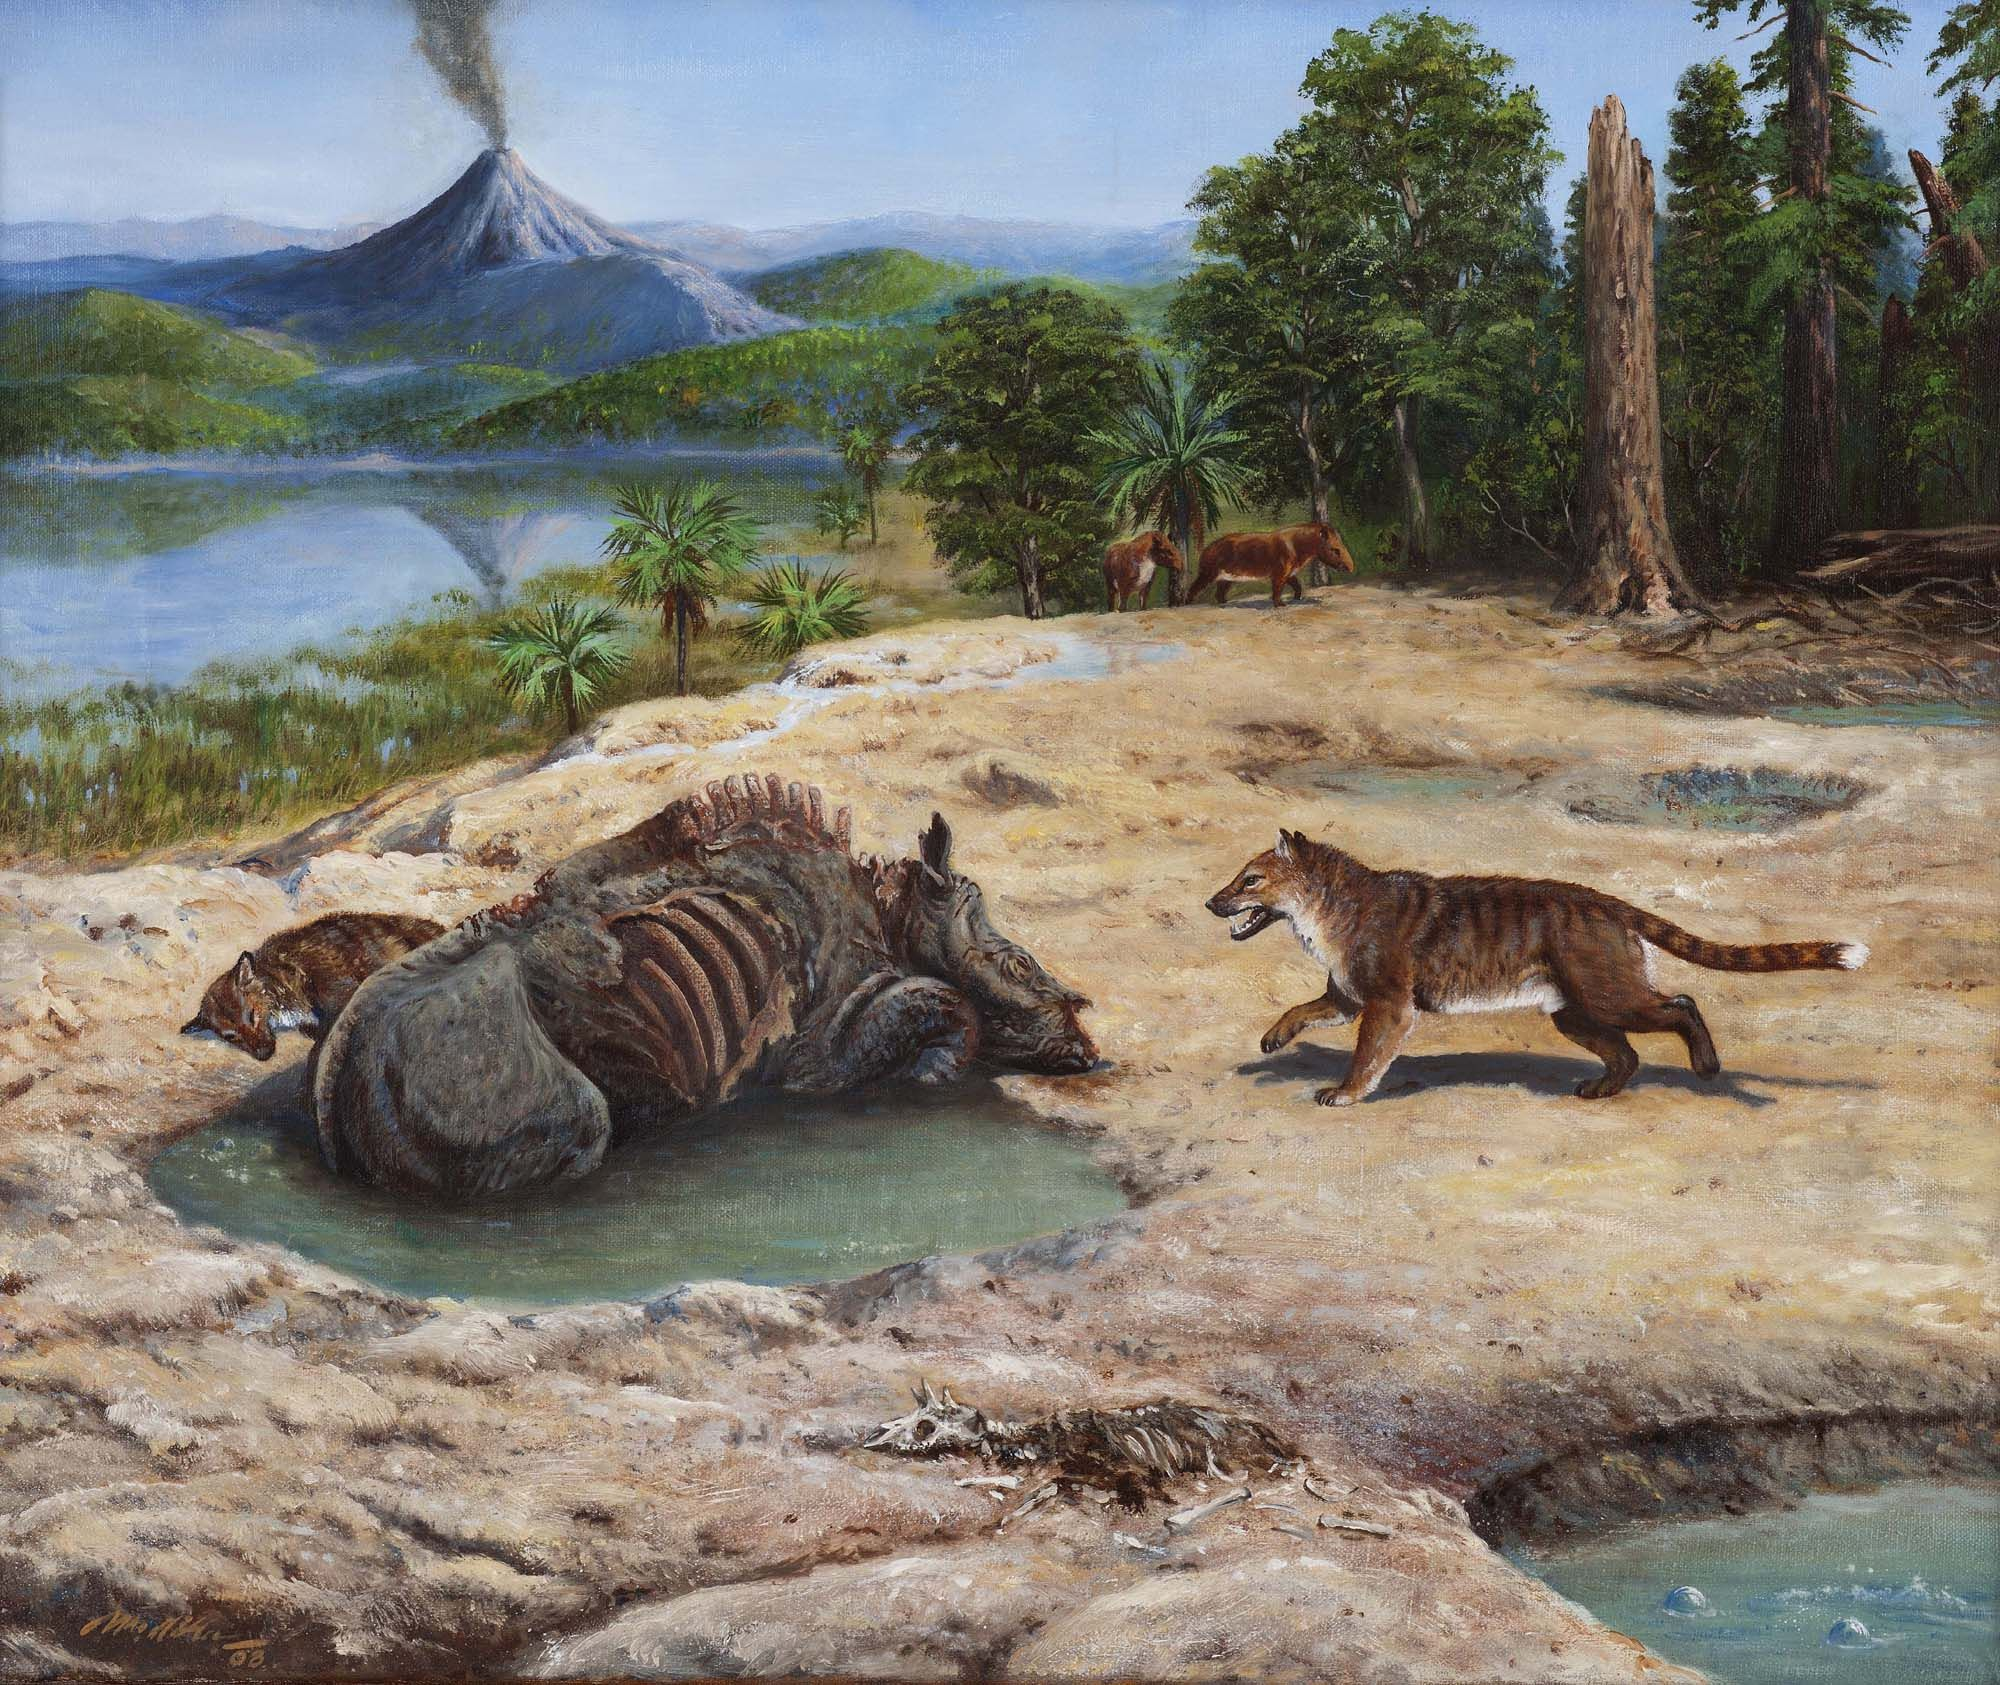 приятно доисторические животные смотреть картинки пересечения прямой осью